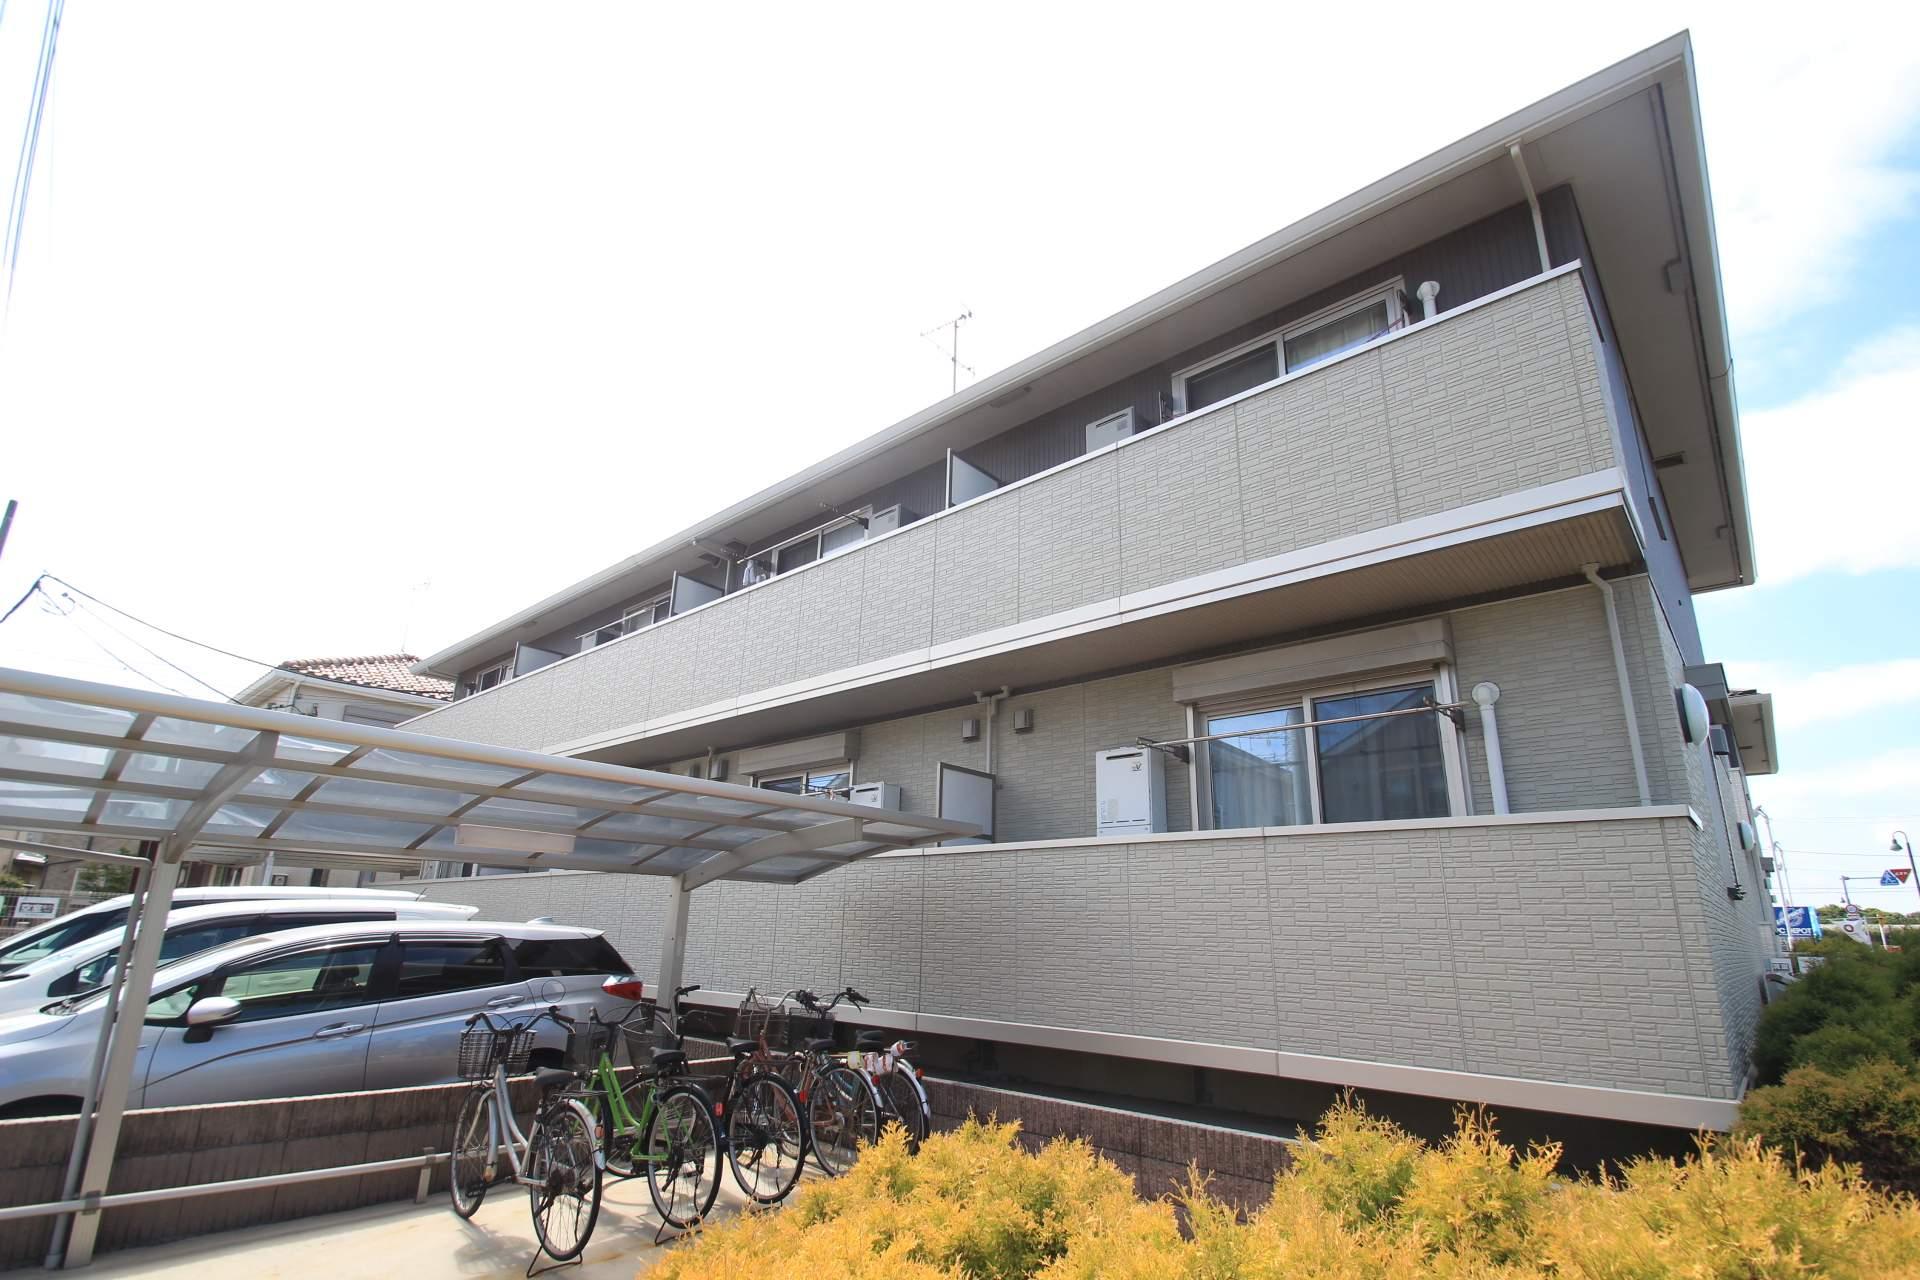 千葉県鎌ケ谷市、六実駅徒歩20分の築6年 2階建の賃貸アパート